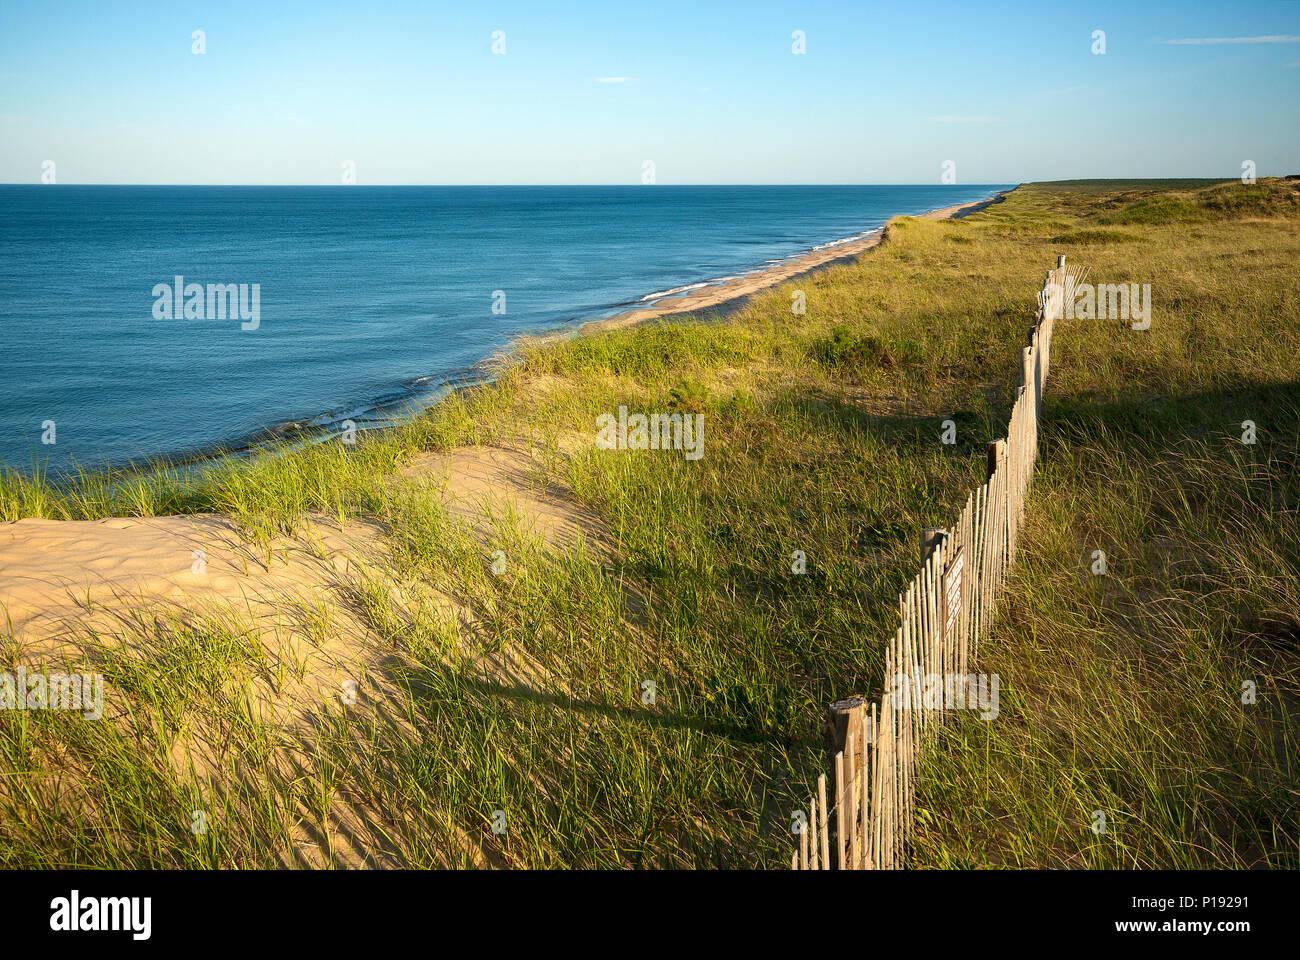 Marconi beach, Wellfleet, Barnstable County, Cape Cod National Seashore, Massachusetts, USA - Stock Image